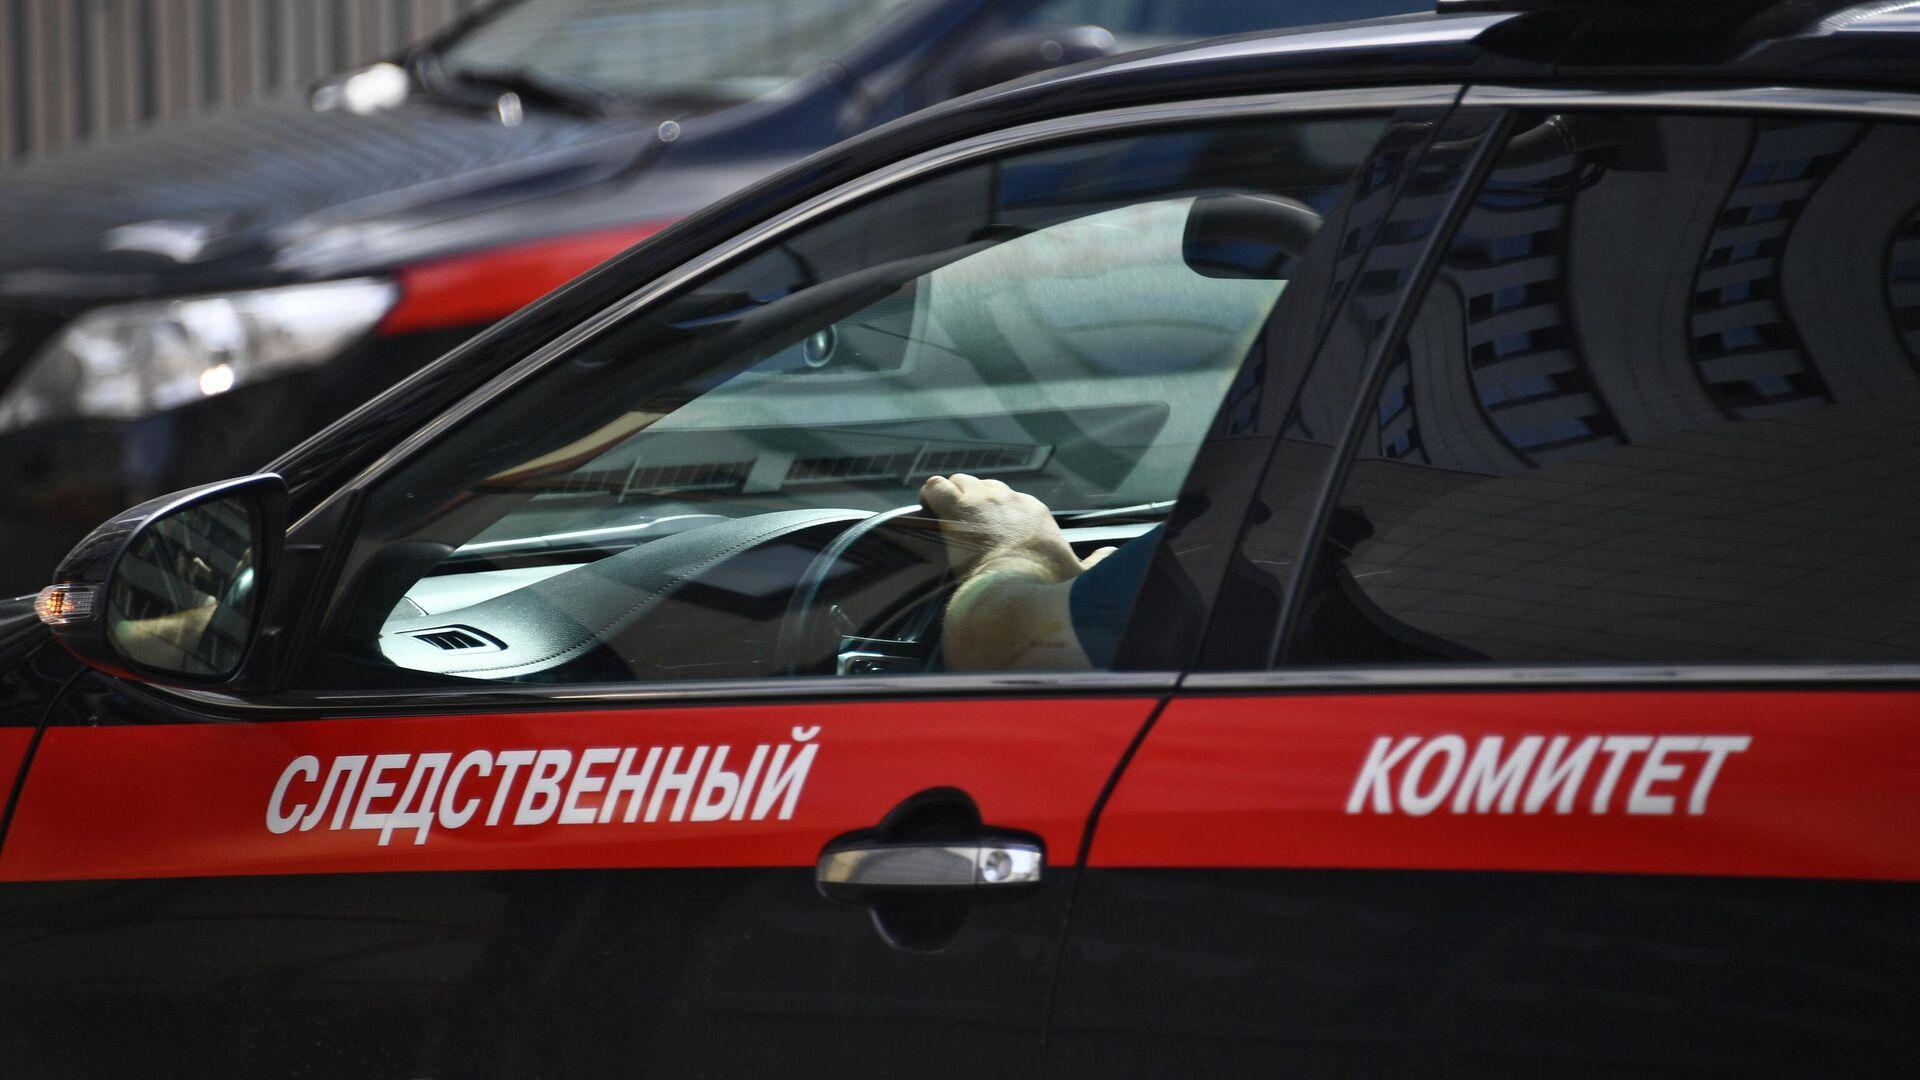 Автомобиль Следственного комитета РФ - РИА Новости, 1920, 25.01.2021